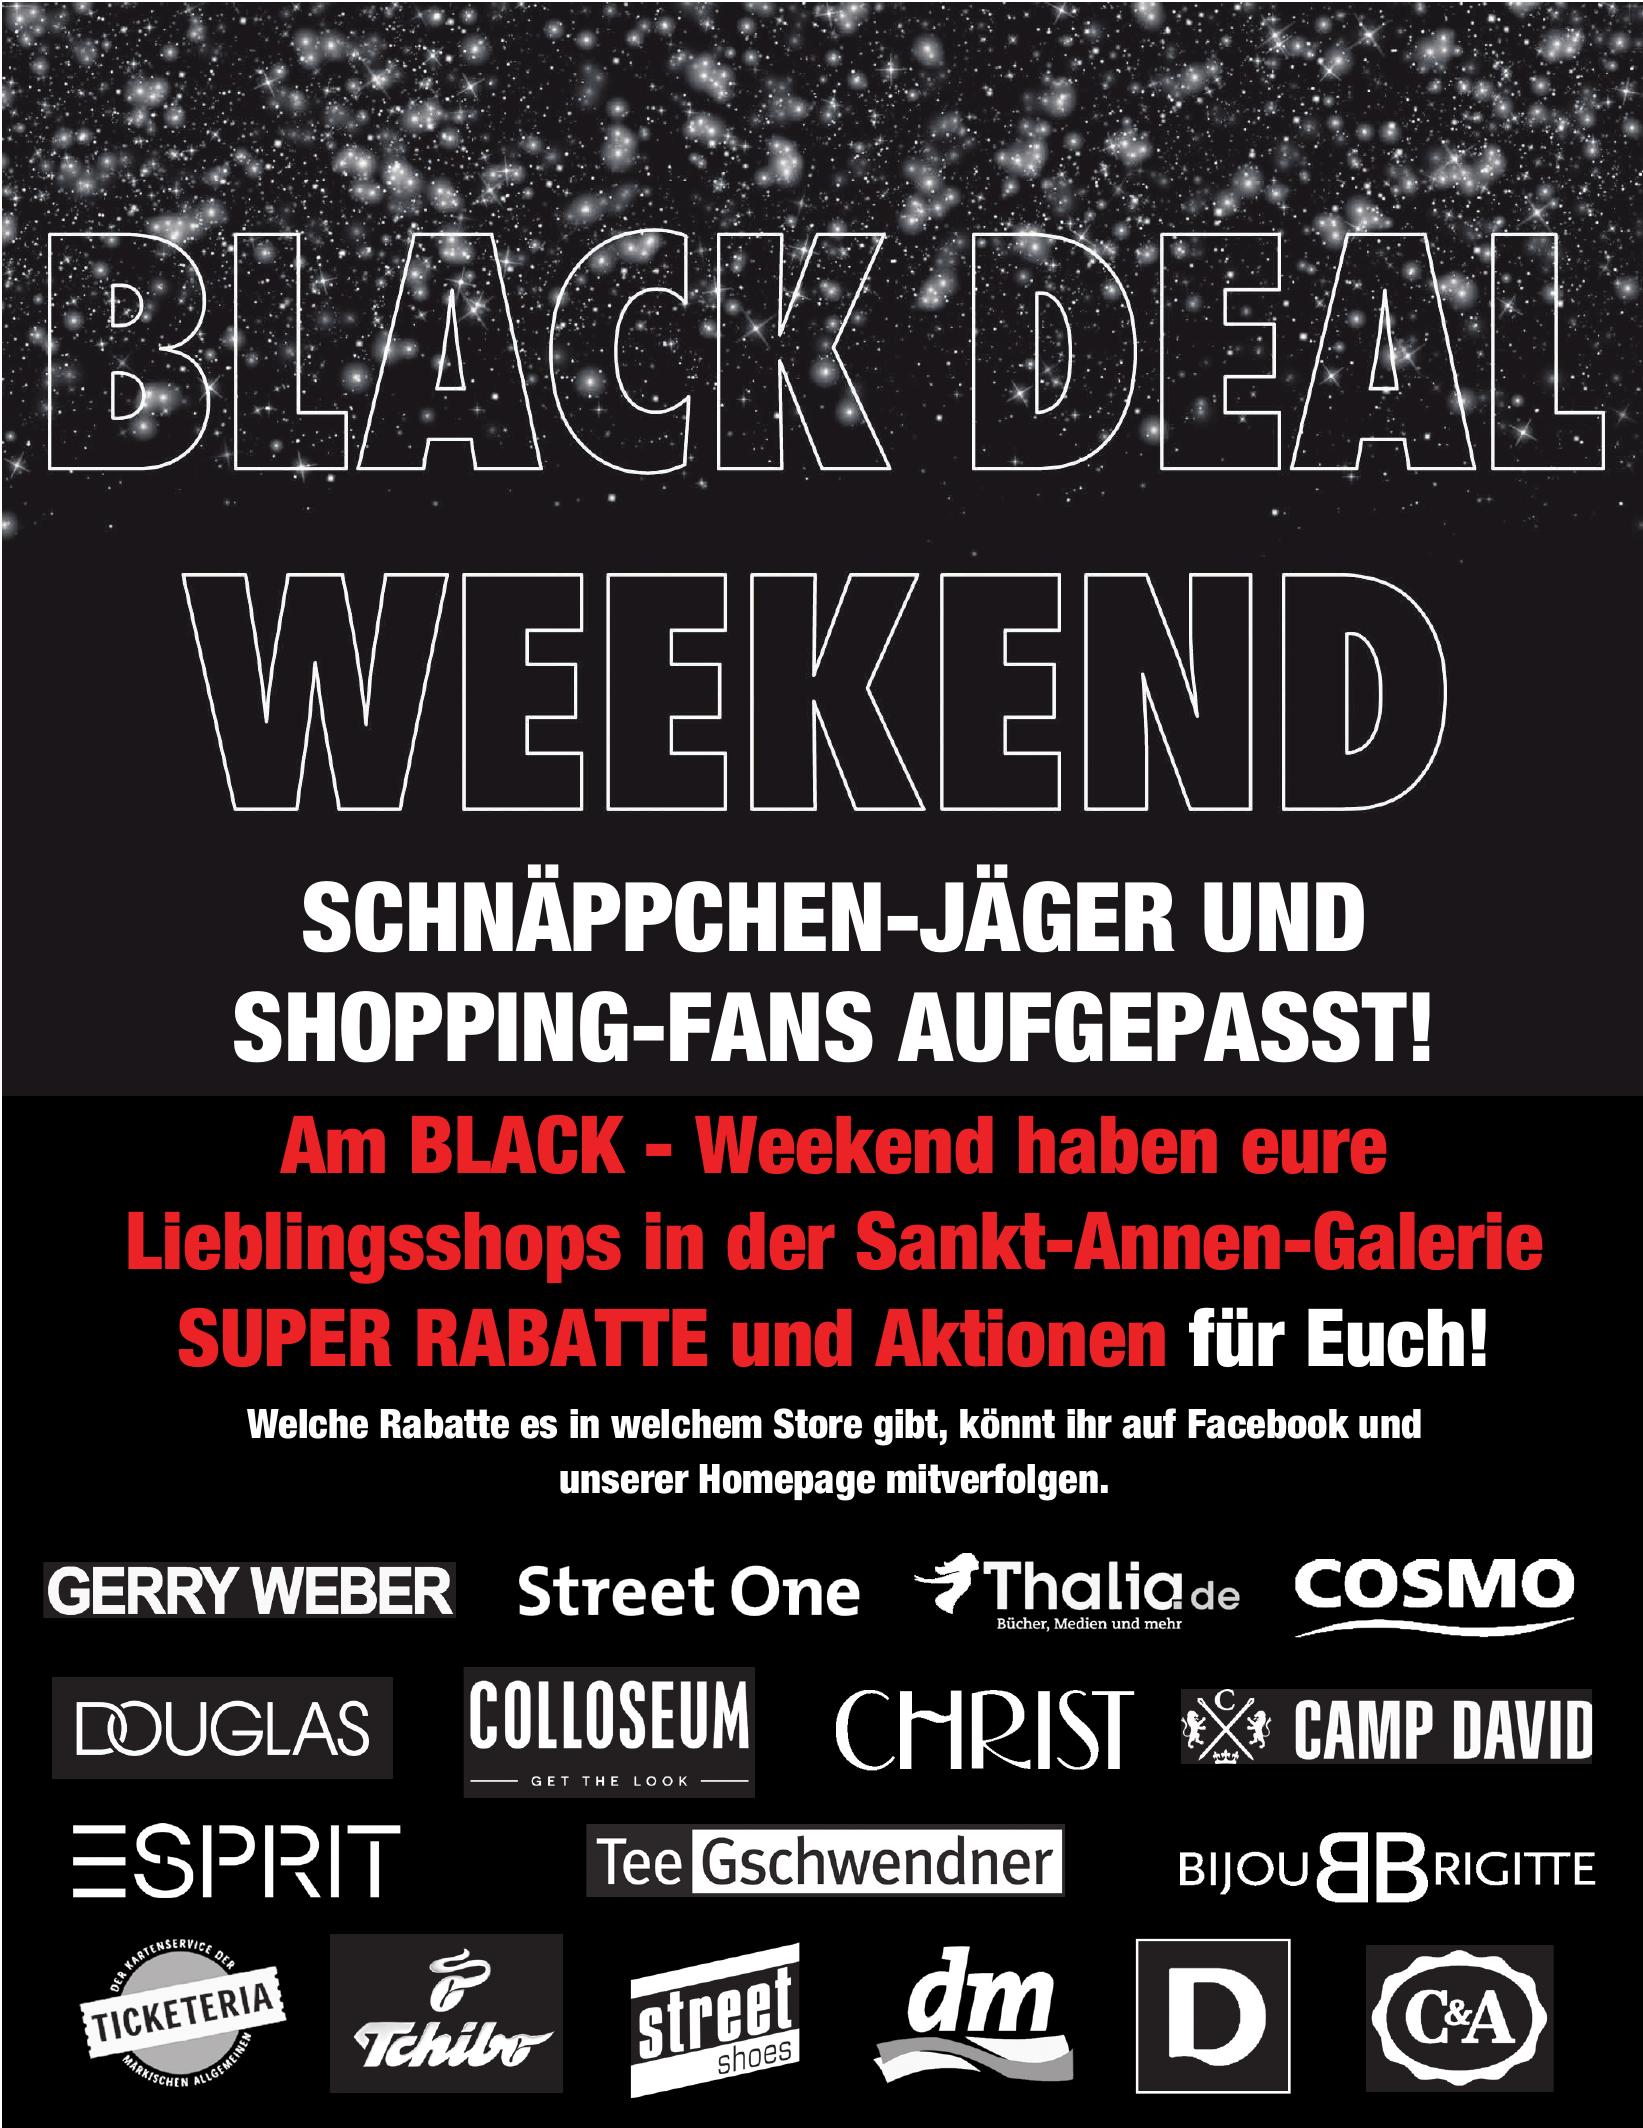 Black Friday in Fläming am 23. November 2018 mit satten Rabatten